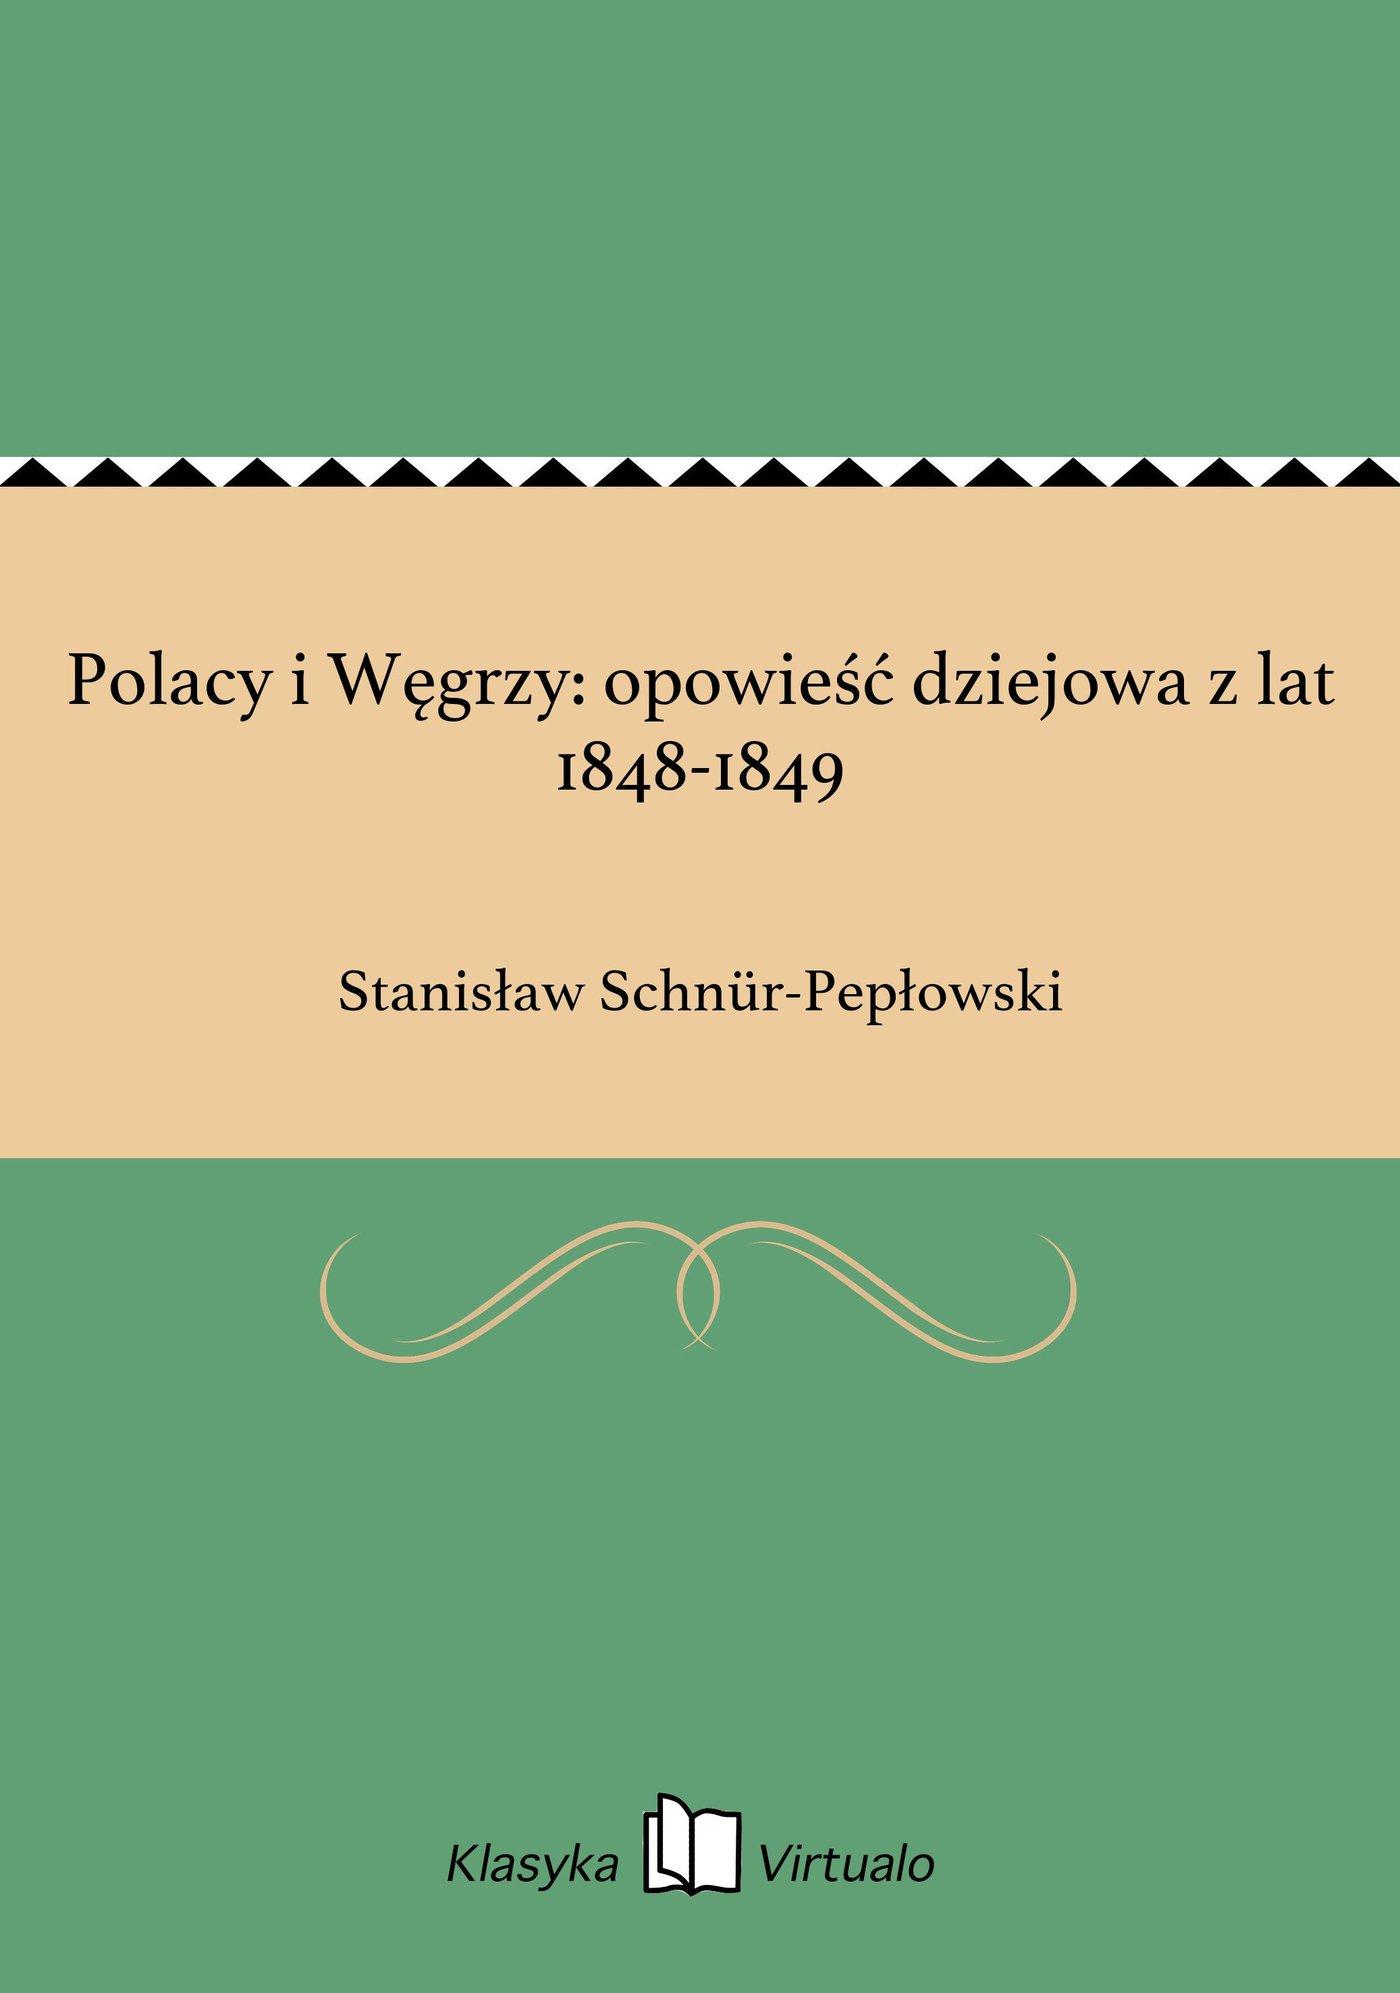 Polacy i Węgrzy: opowieść dziejowa z lat 1848-1849 - Ebook (Książka EPUB) do pobrania w formacie EPUB